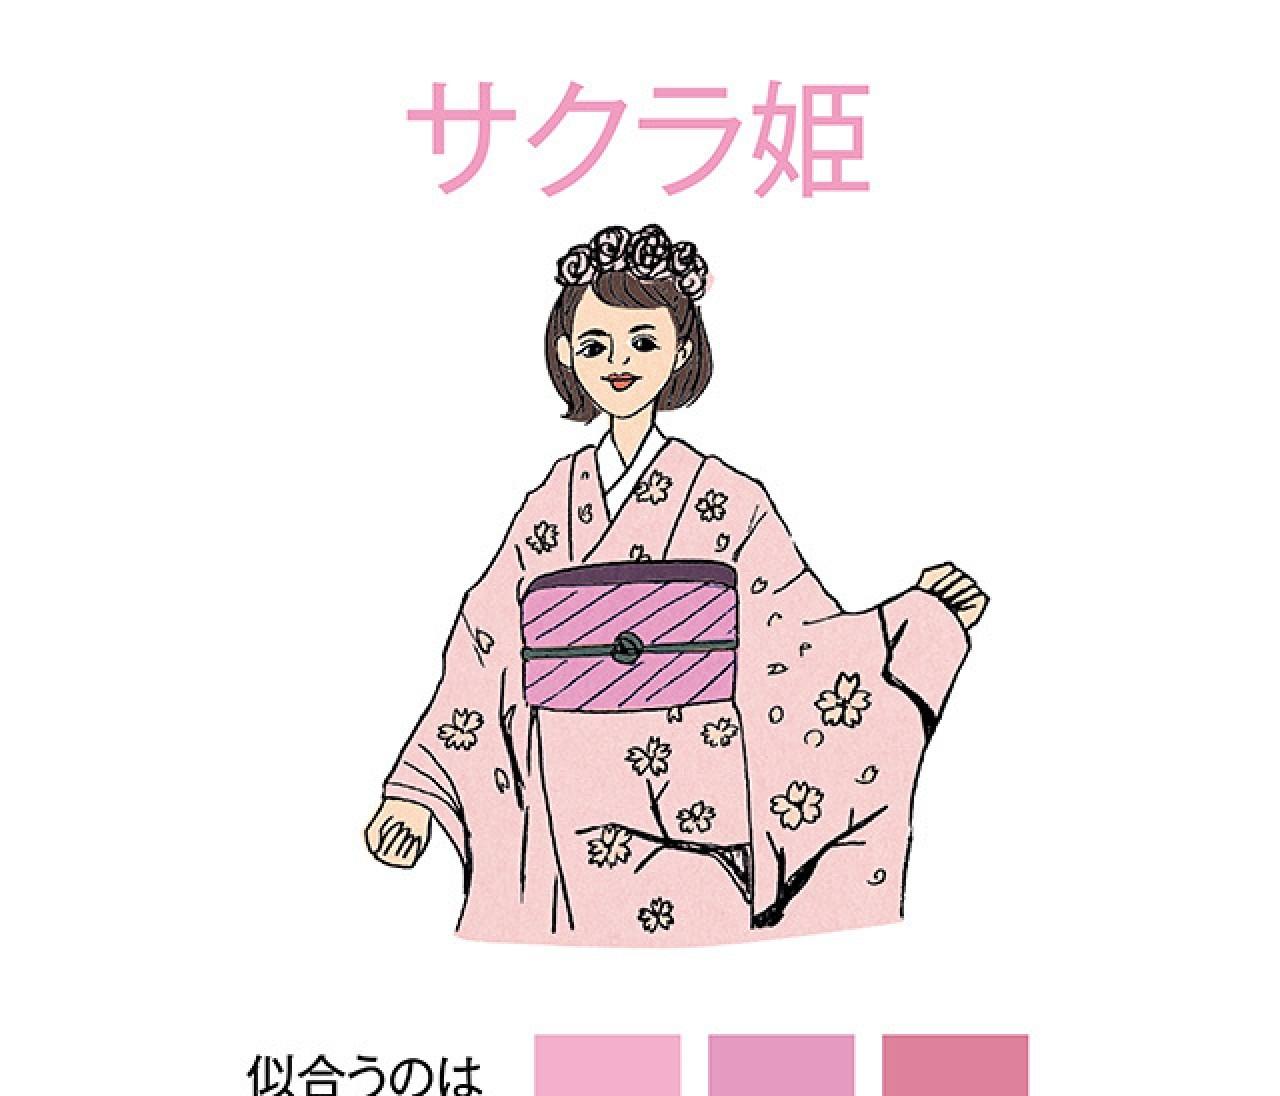 青み肌&ふんわり顔のサクラ姫に【本当に似合うピンク】講座